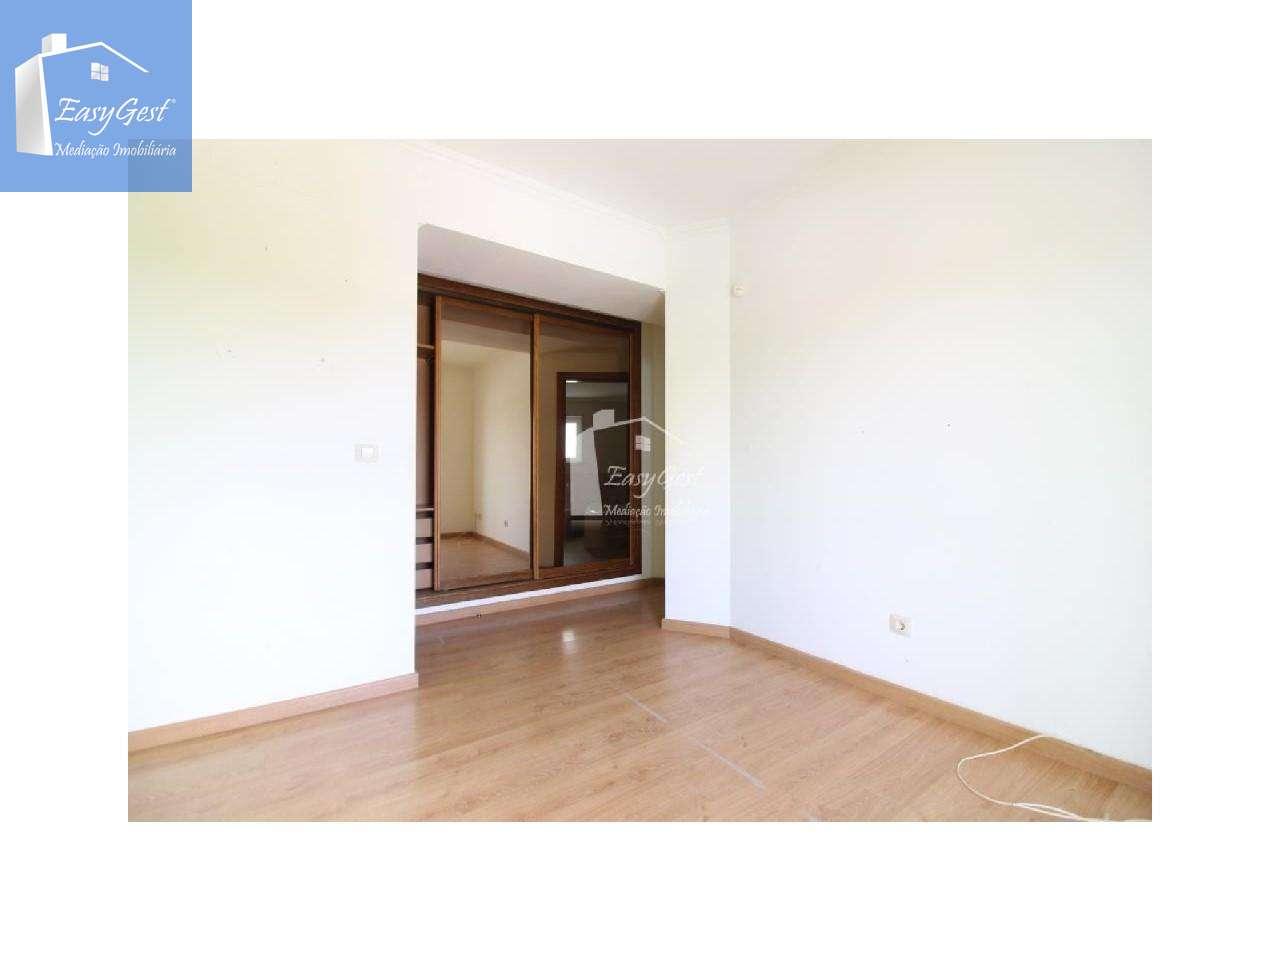 Apartamento para comprar, Fernão Ferro, Setúbal - Foto 12